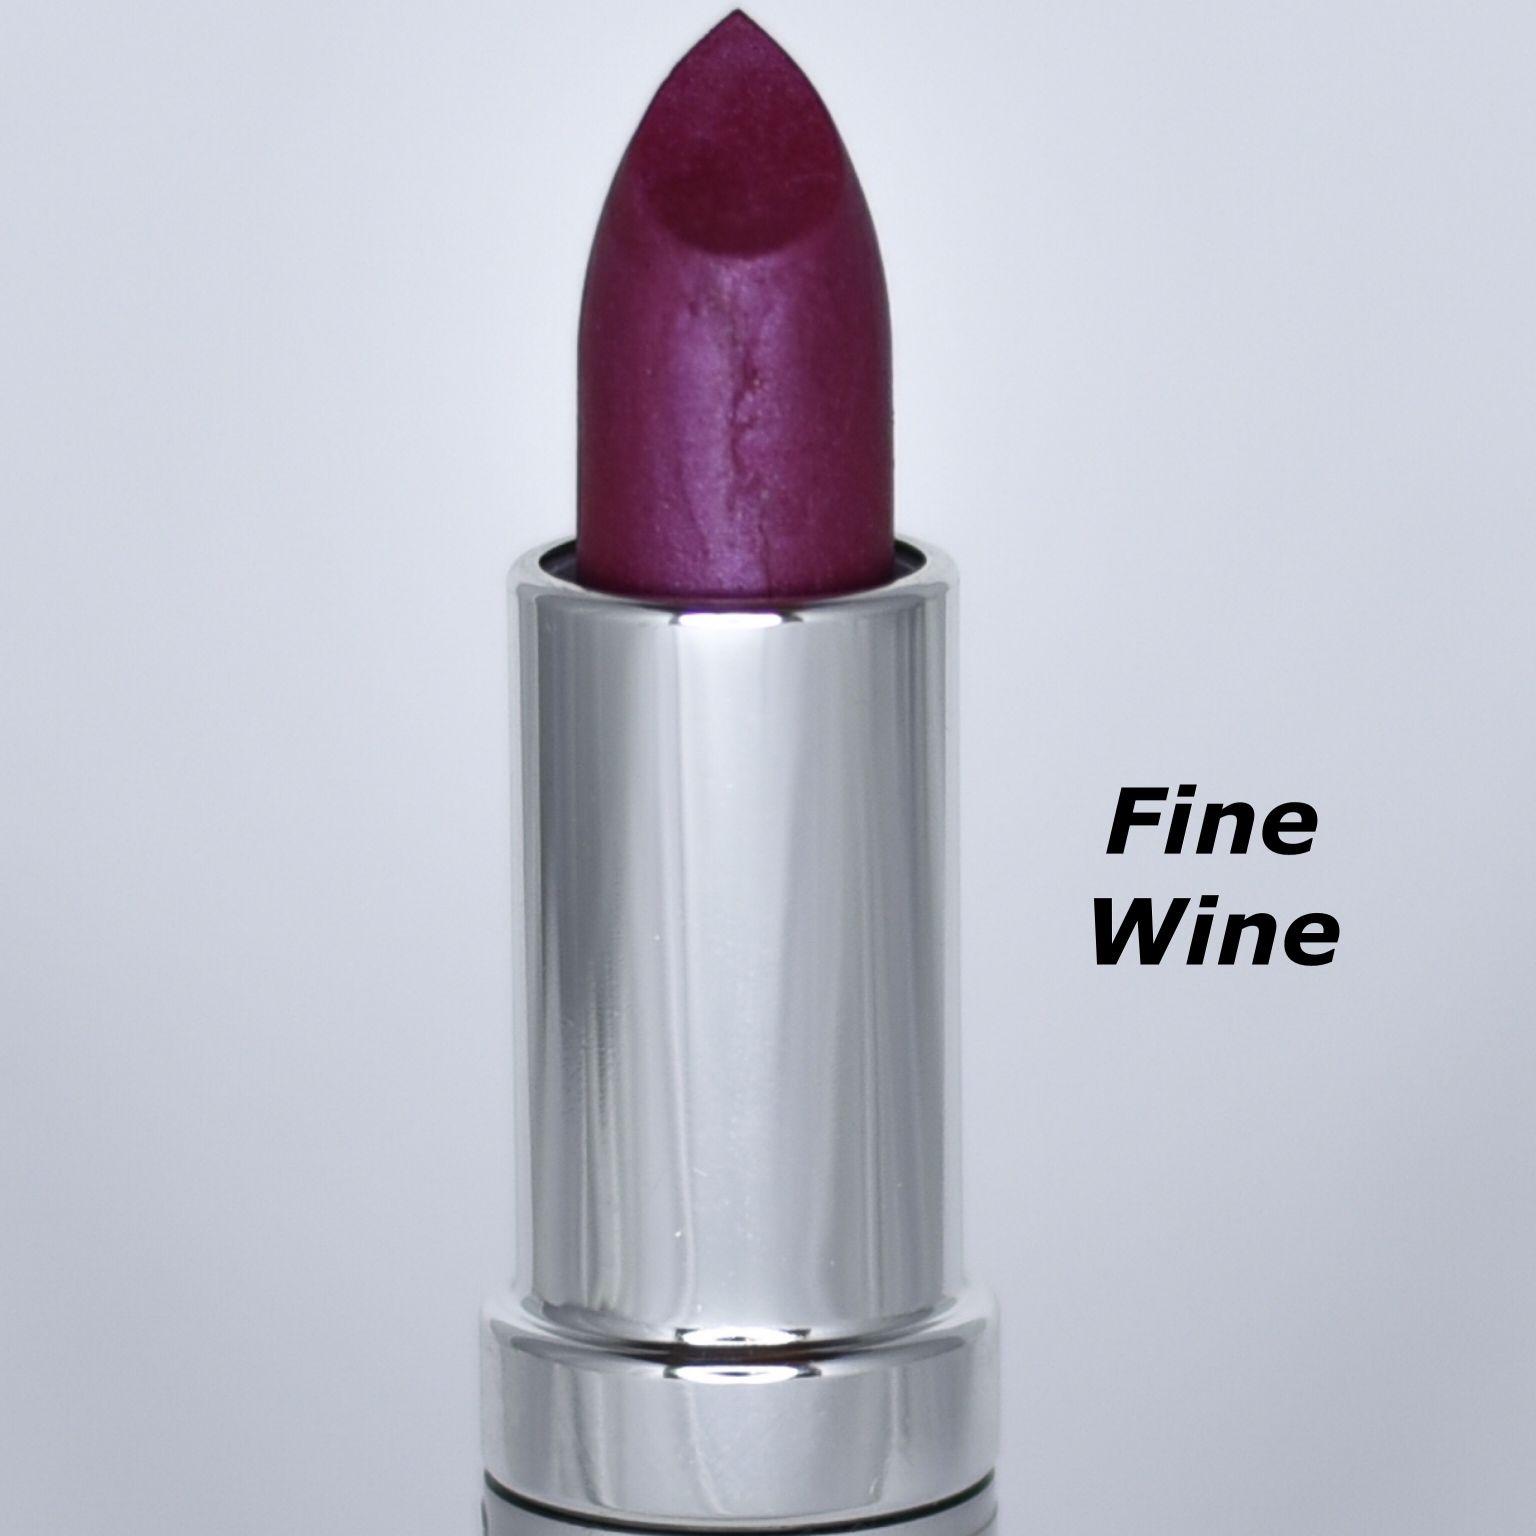 Fine Wine Lipstick